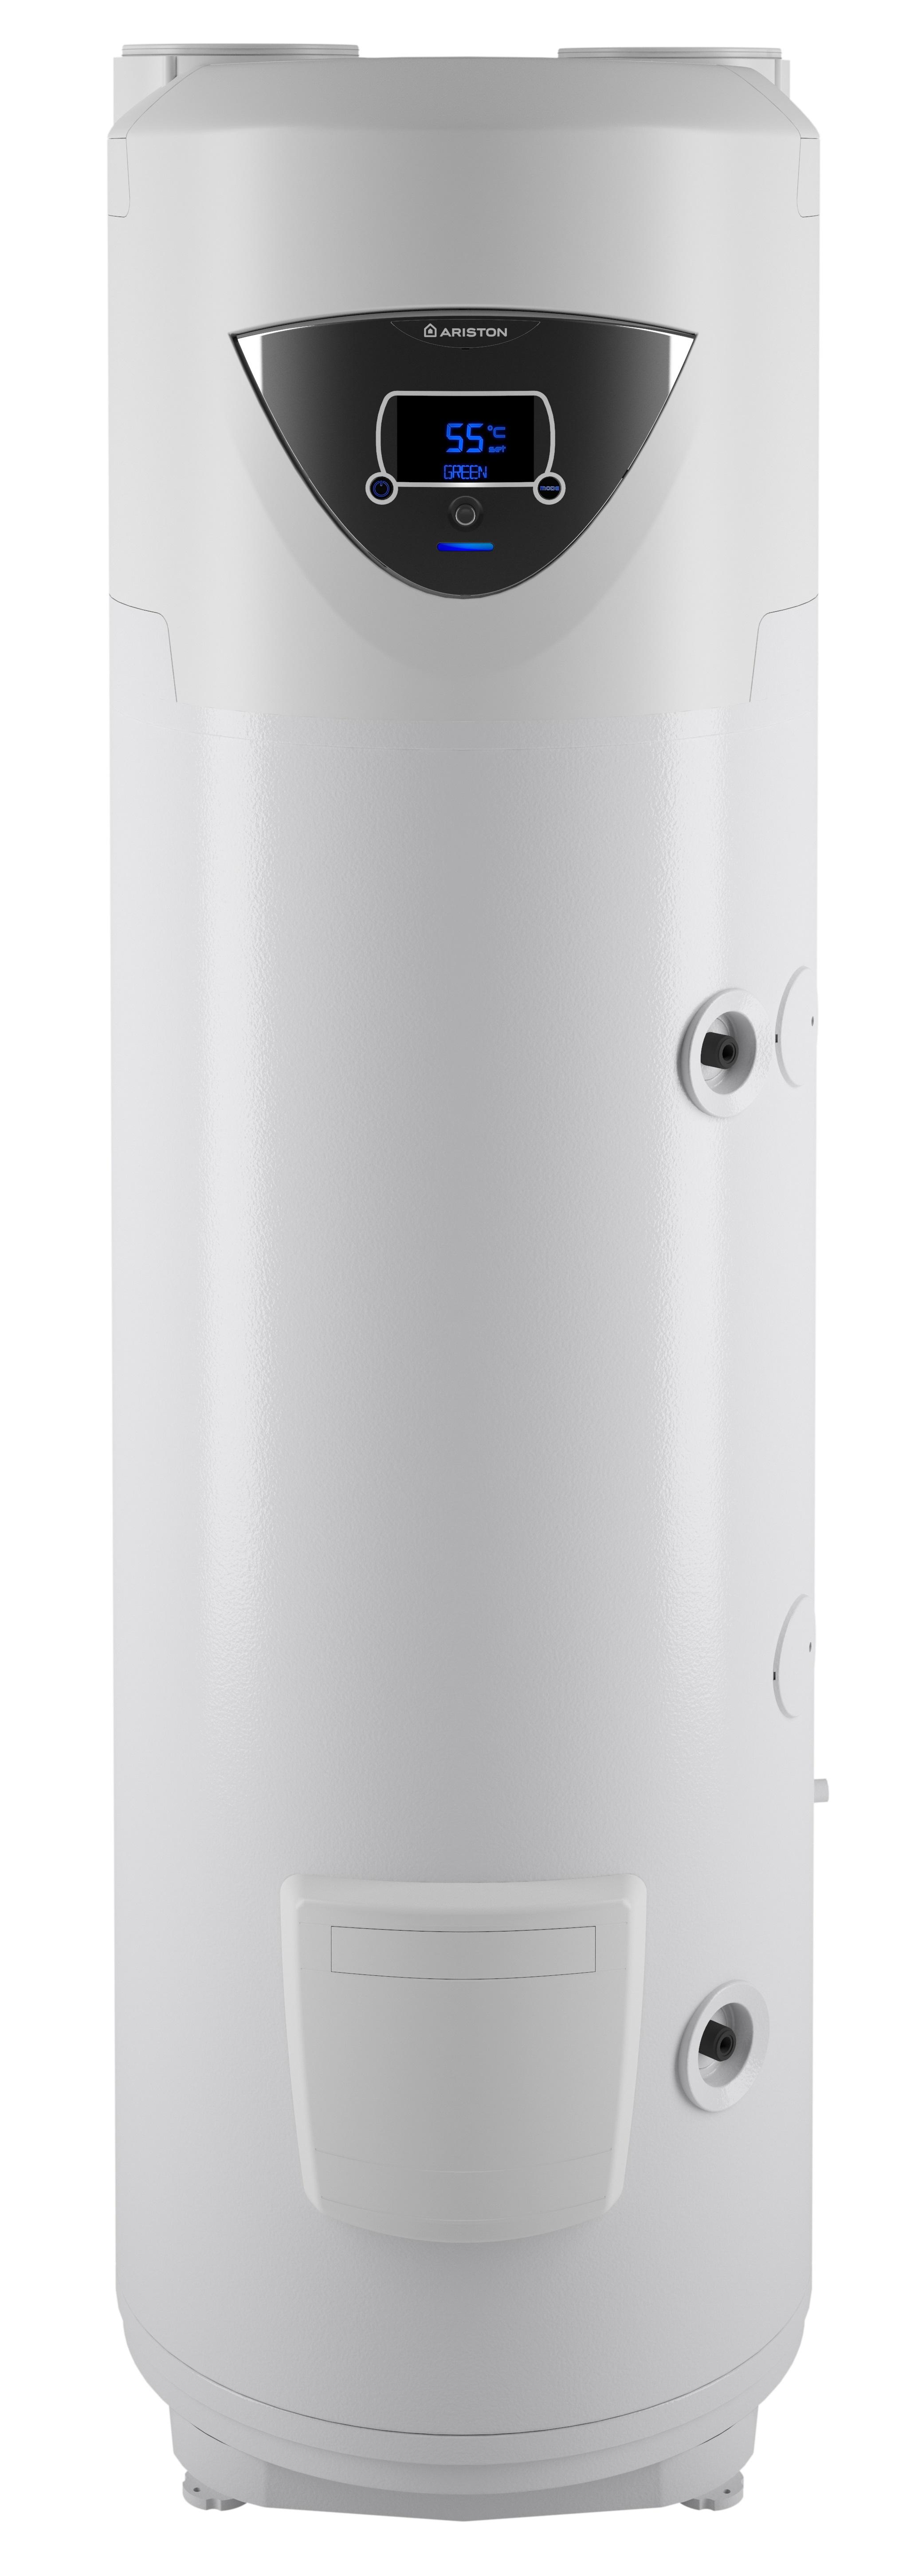 Nuos lo scaldacqua a pompa di calore che utilizza il - Scaldabagno pompa di calore ariston ...